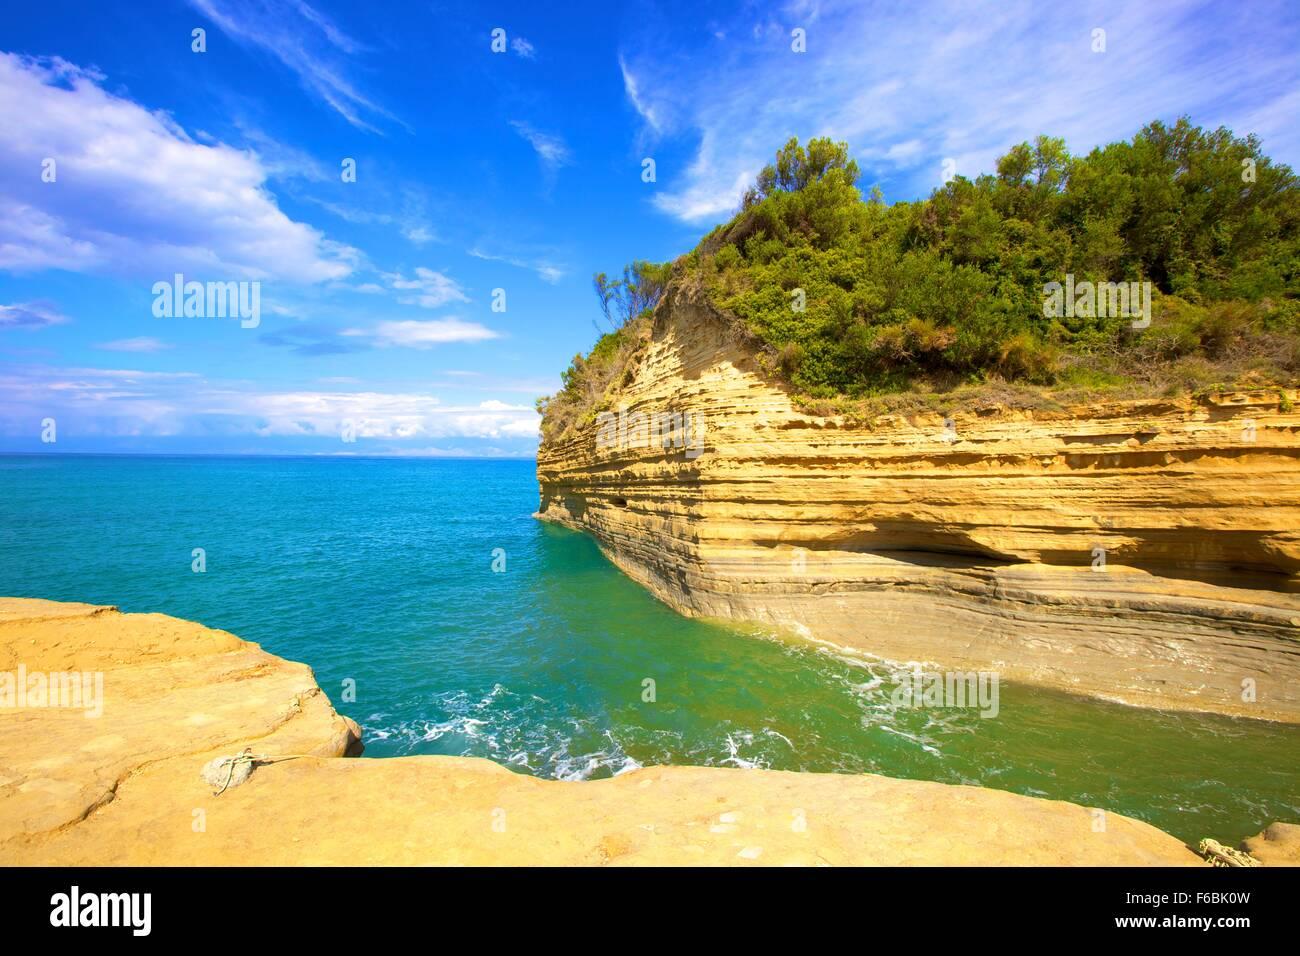 Sidari, Corfu, The Ionian Islands, Greek Islands, Greece, Europe - Stock Image